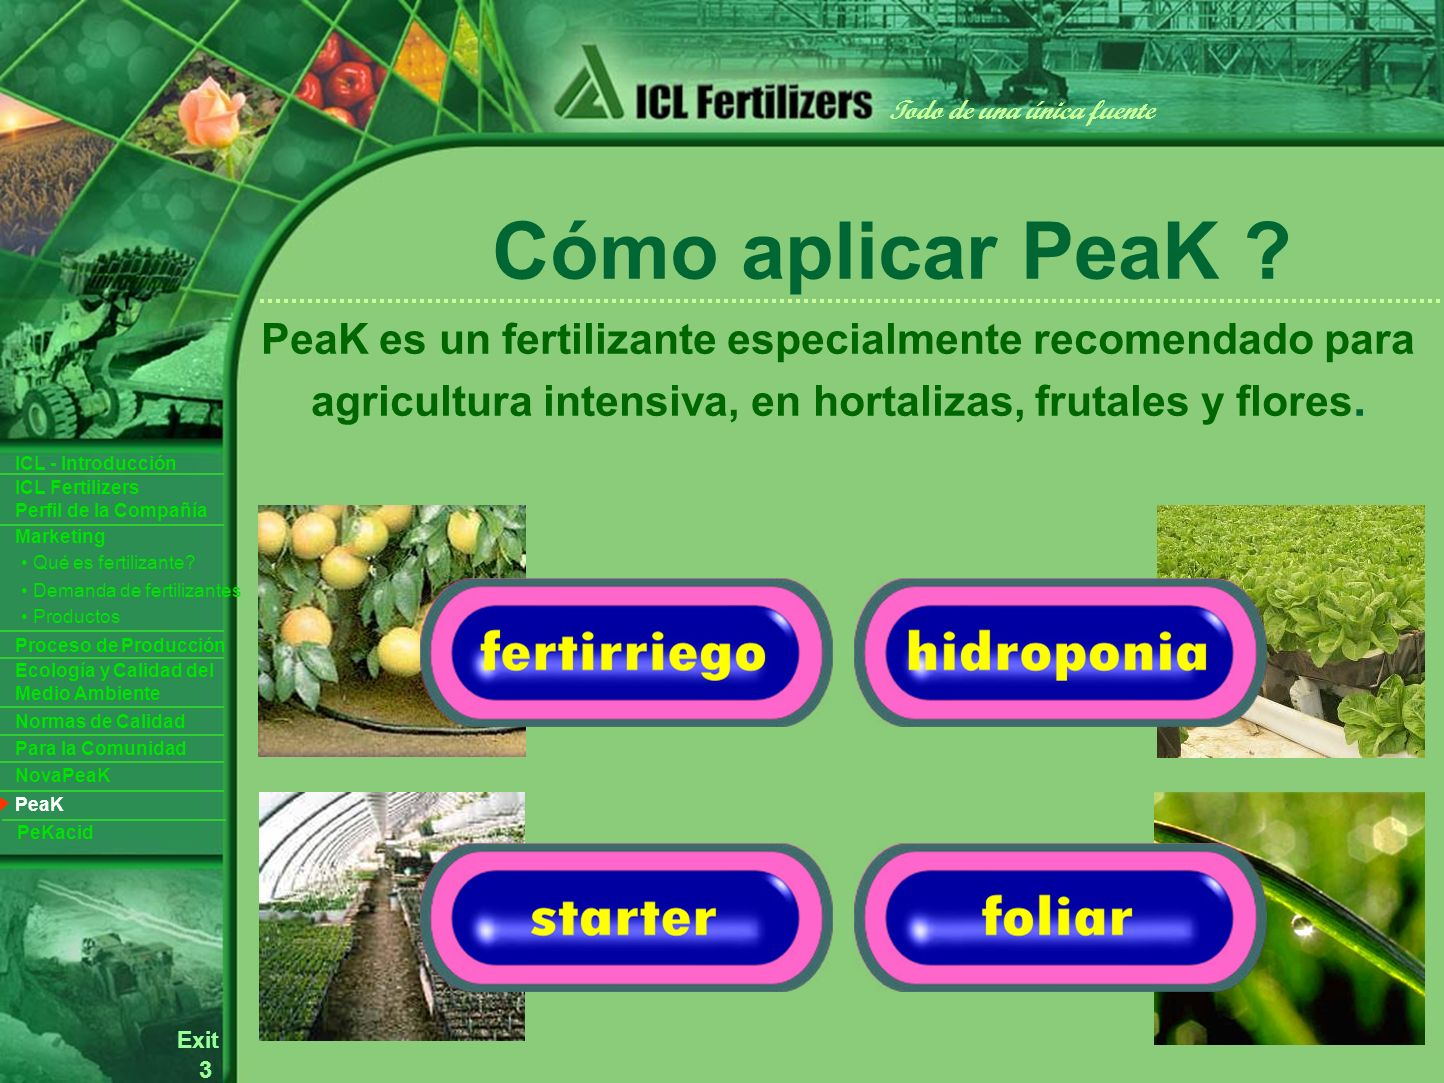 3 Exit Todo de una única fuente ICL Fertilizers Perfil de la Compañía ICL - Introducción Productos Para la Comunidad Ecología y Calidad del Medio Ambiente Normas de Calidad Marketing Proceso de Producción Demanda de fertilizantes Qué es fertilizante.